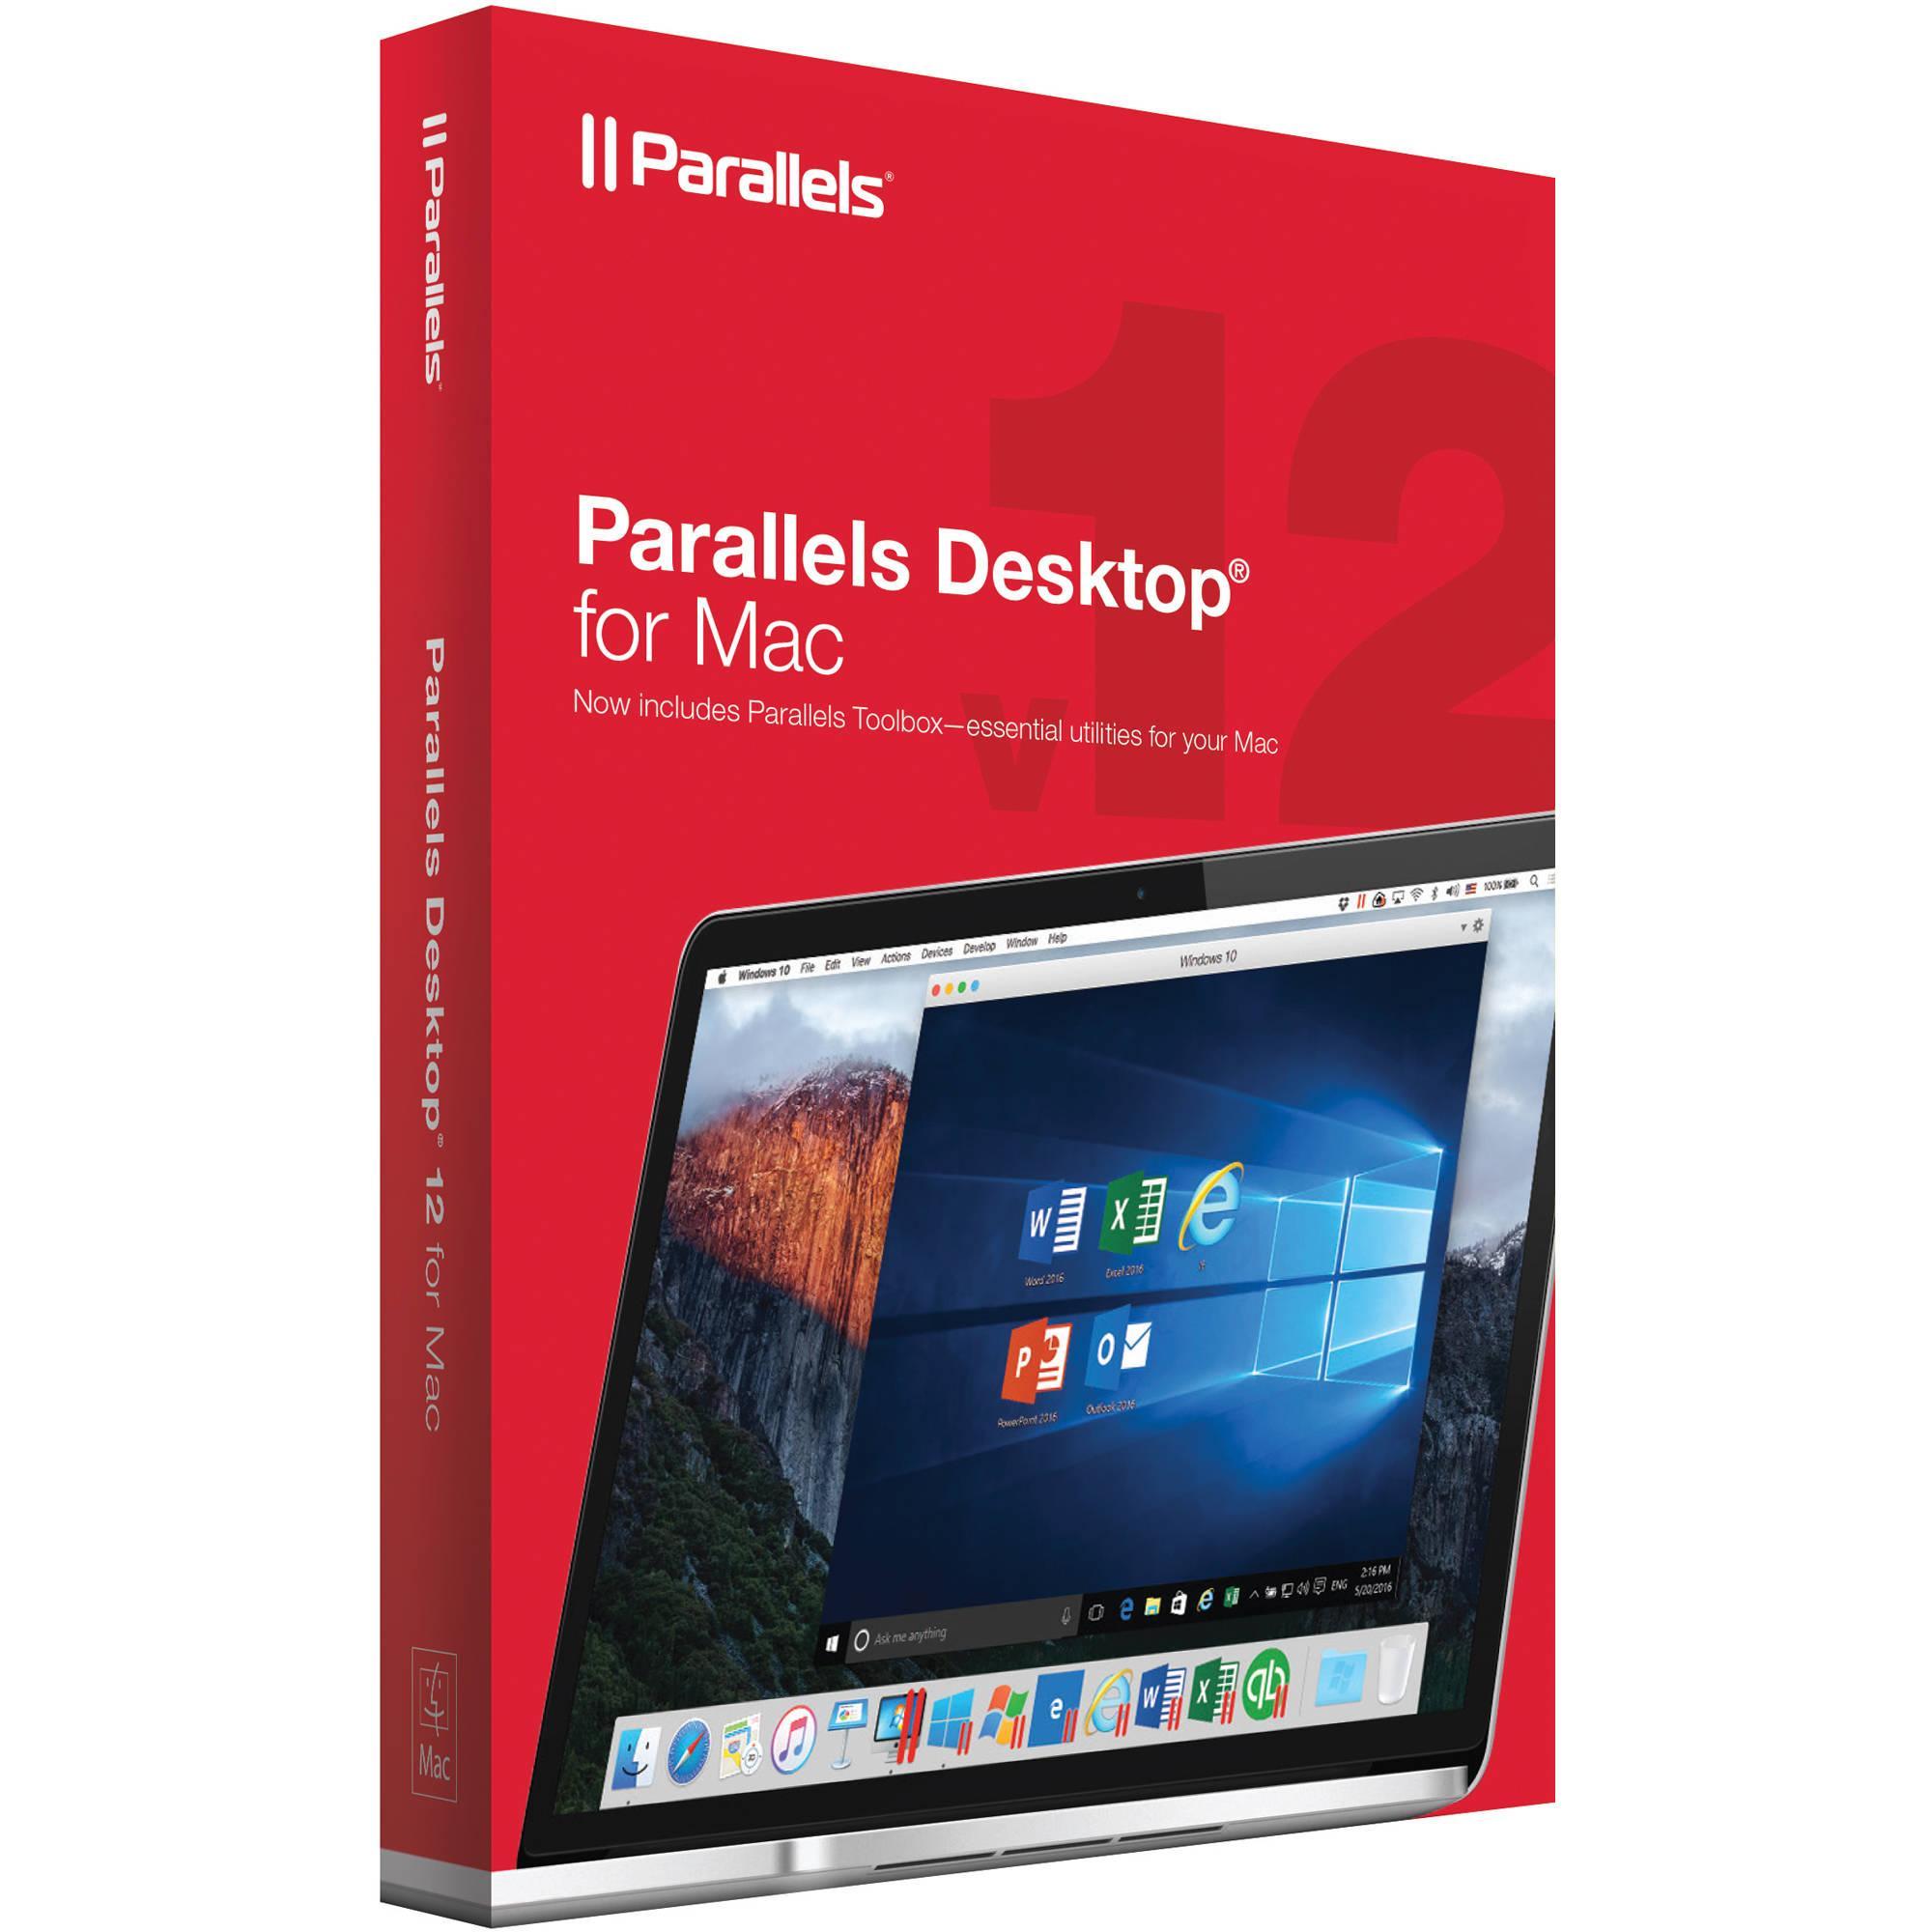 [Etudiants] Logiciel Parallels Desktop 12 pour MAC gratuit